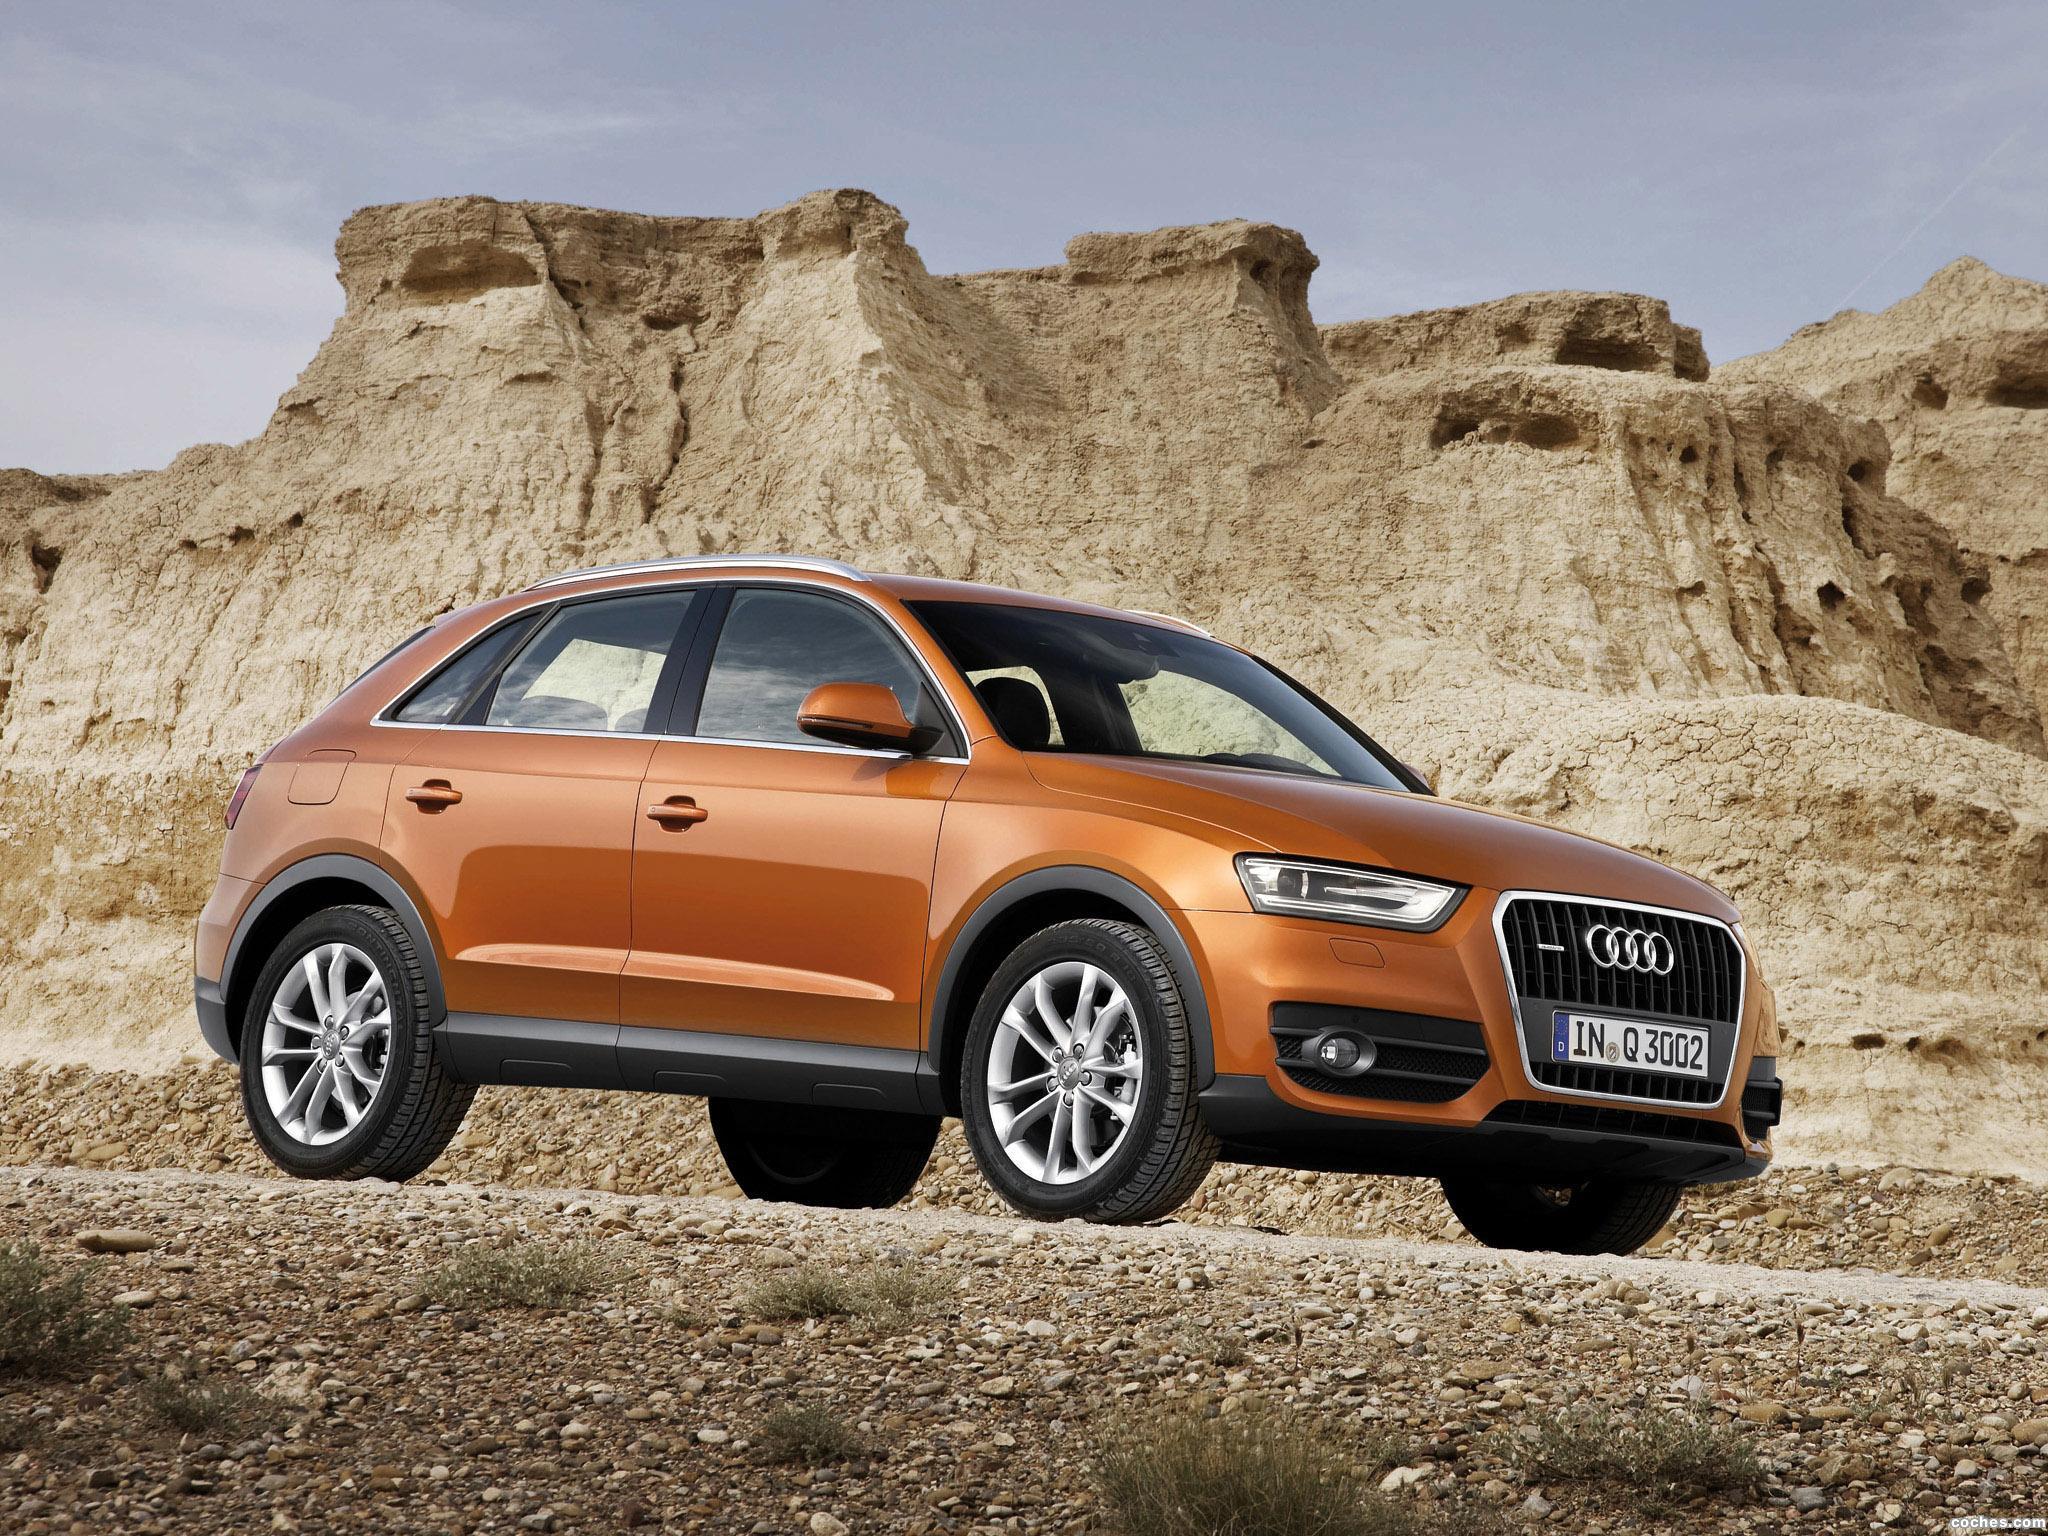 Foto 49 de Audi Q3 2011